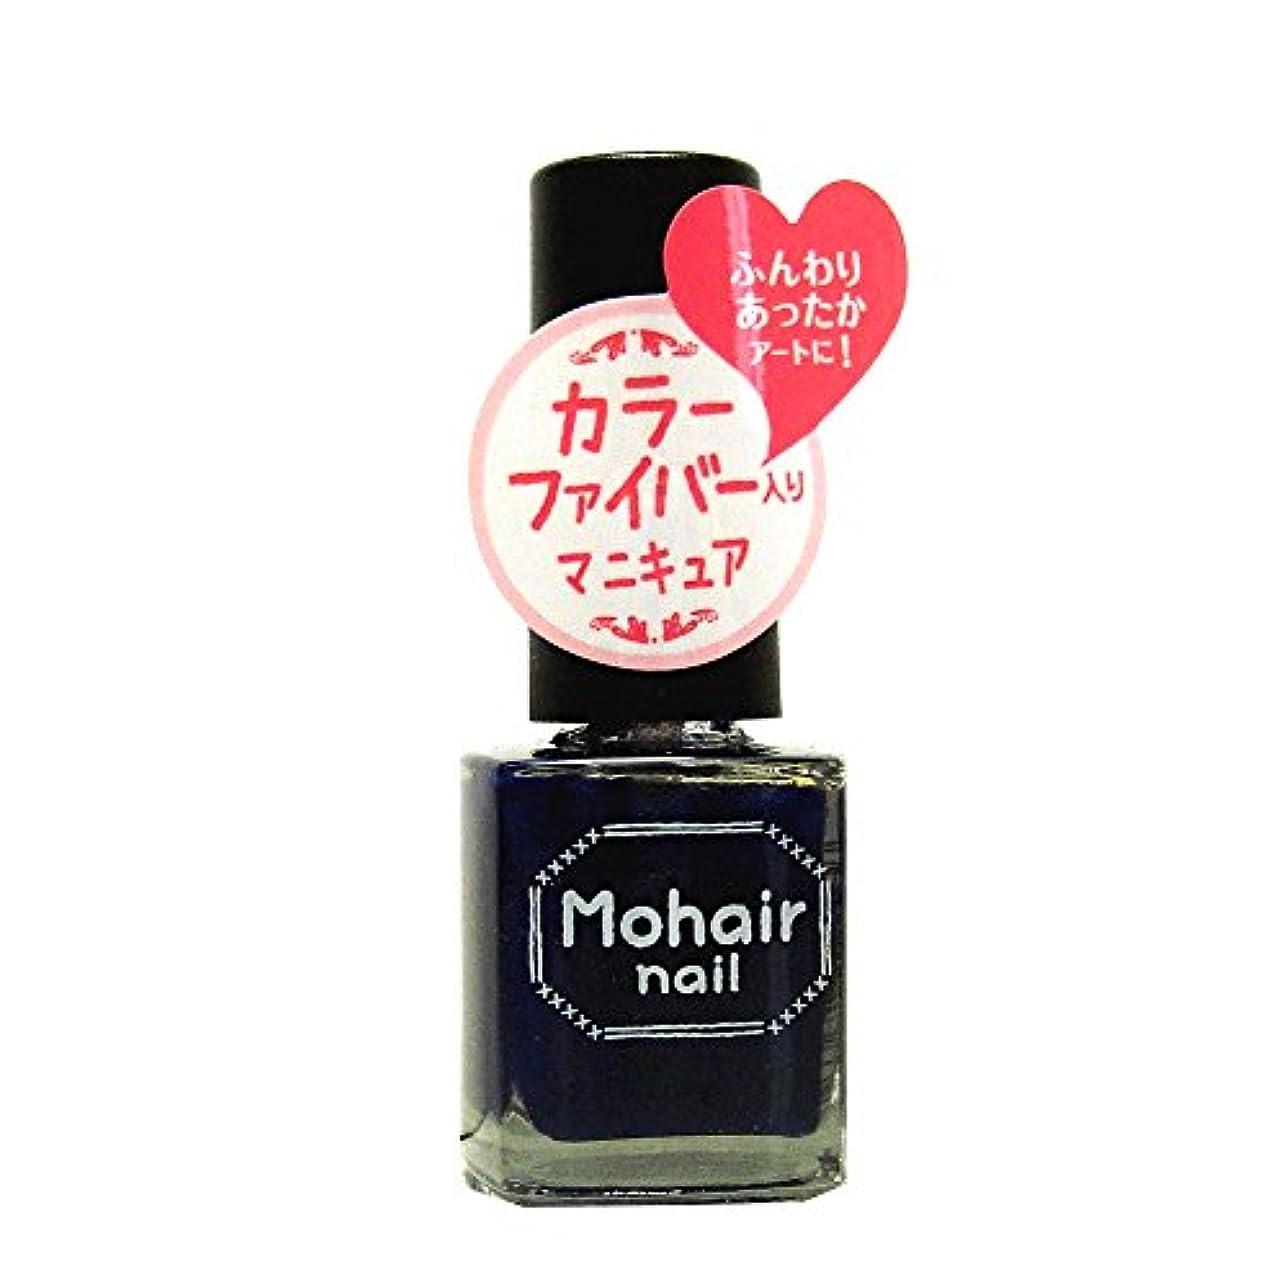 素朴な贅沢な世代TM モヘアネイル(爪化粧料) TMMH1602 マリンブルー